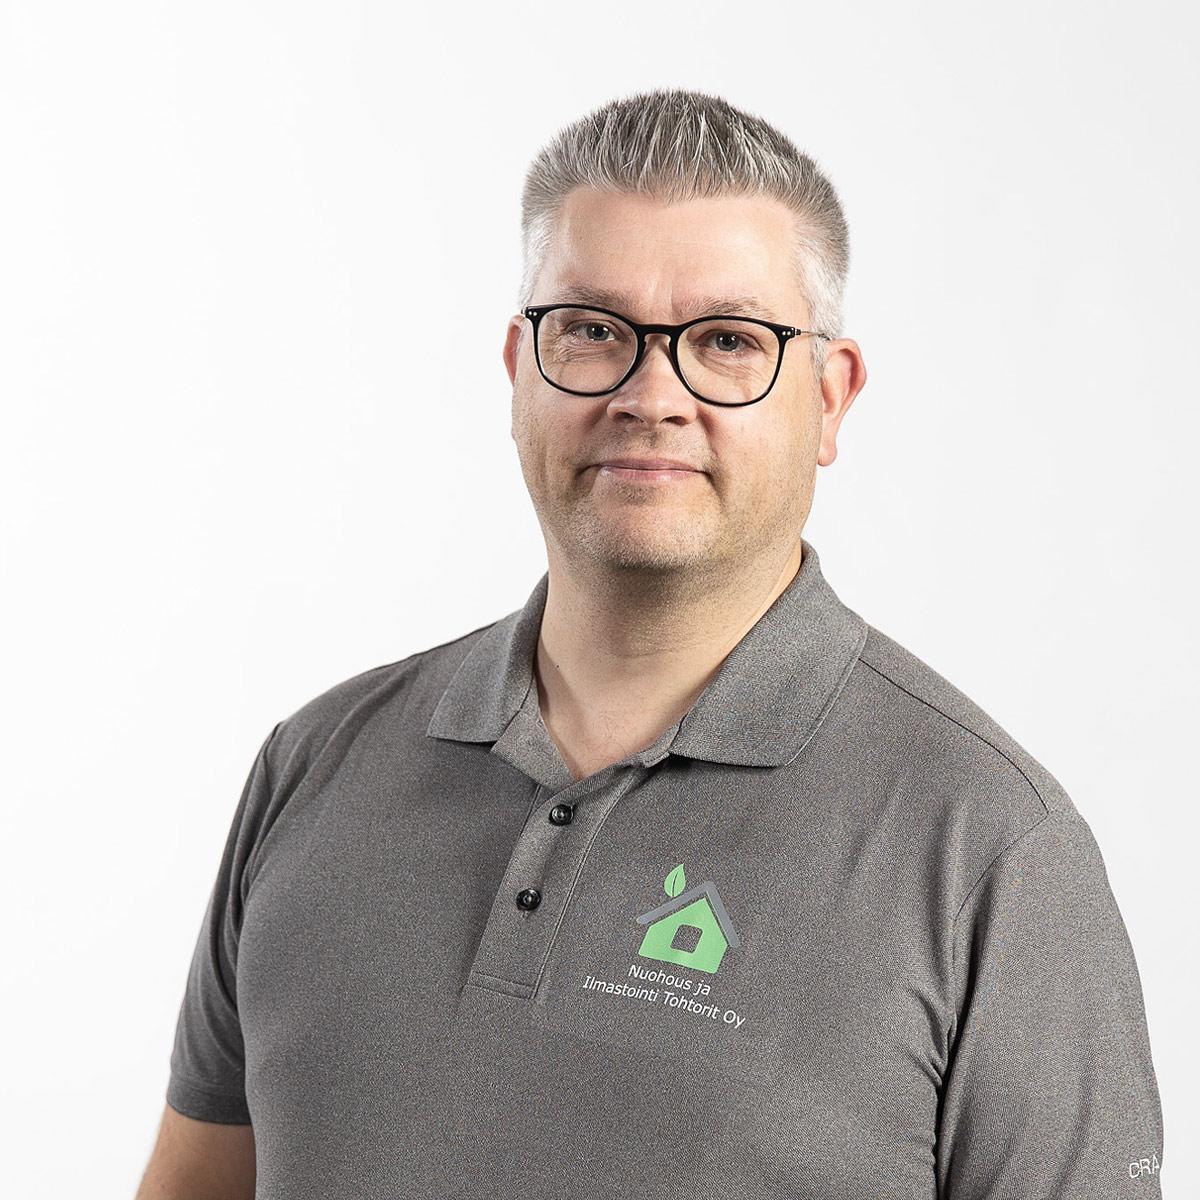 Ari-Pekka Niinisalo